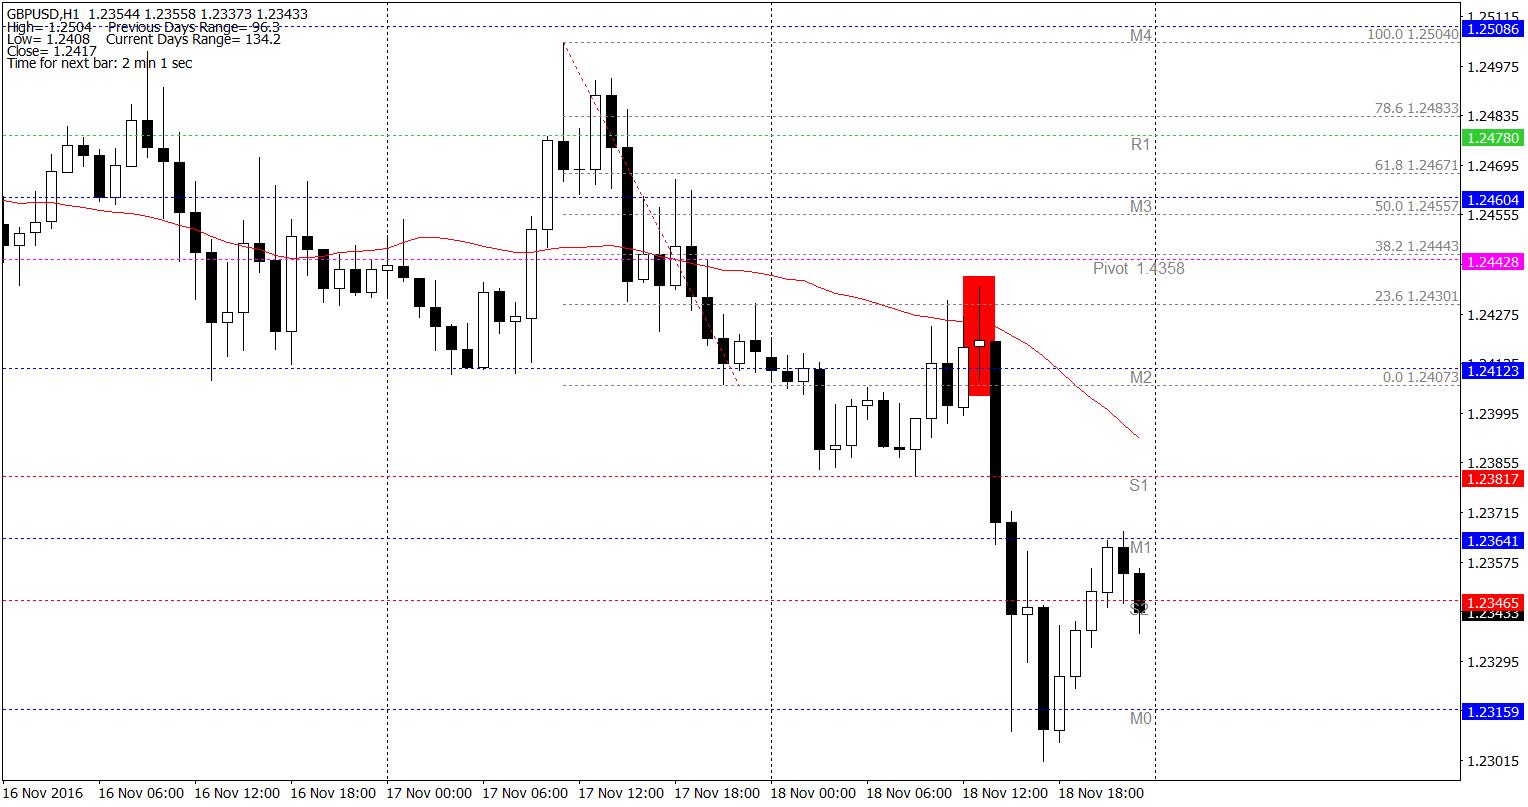 GBP/USD H1